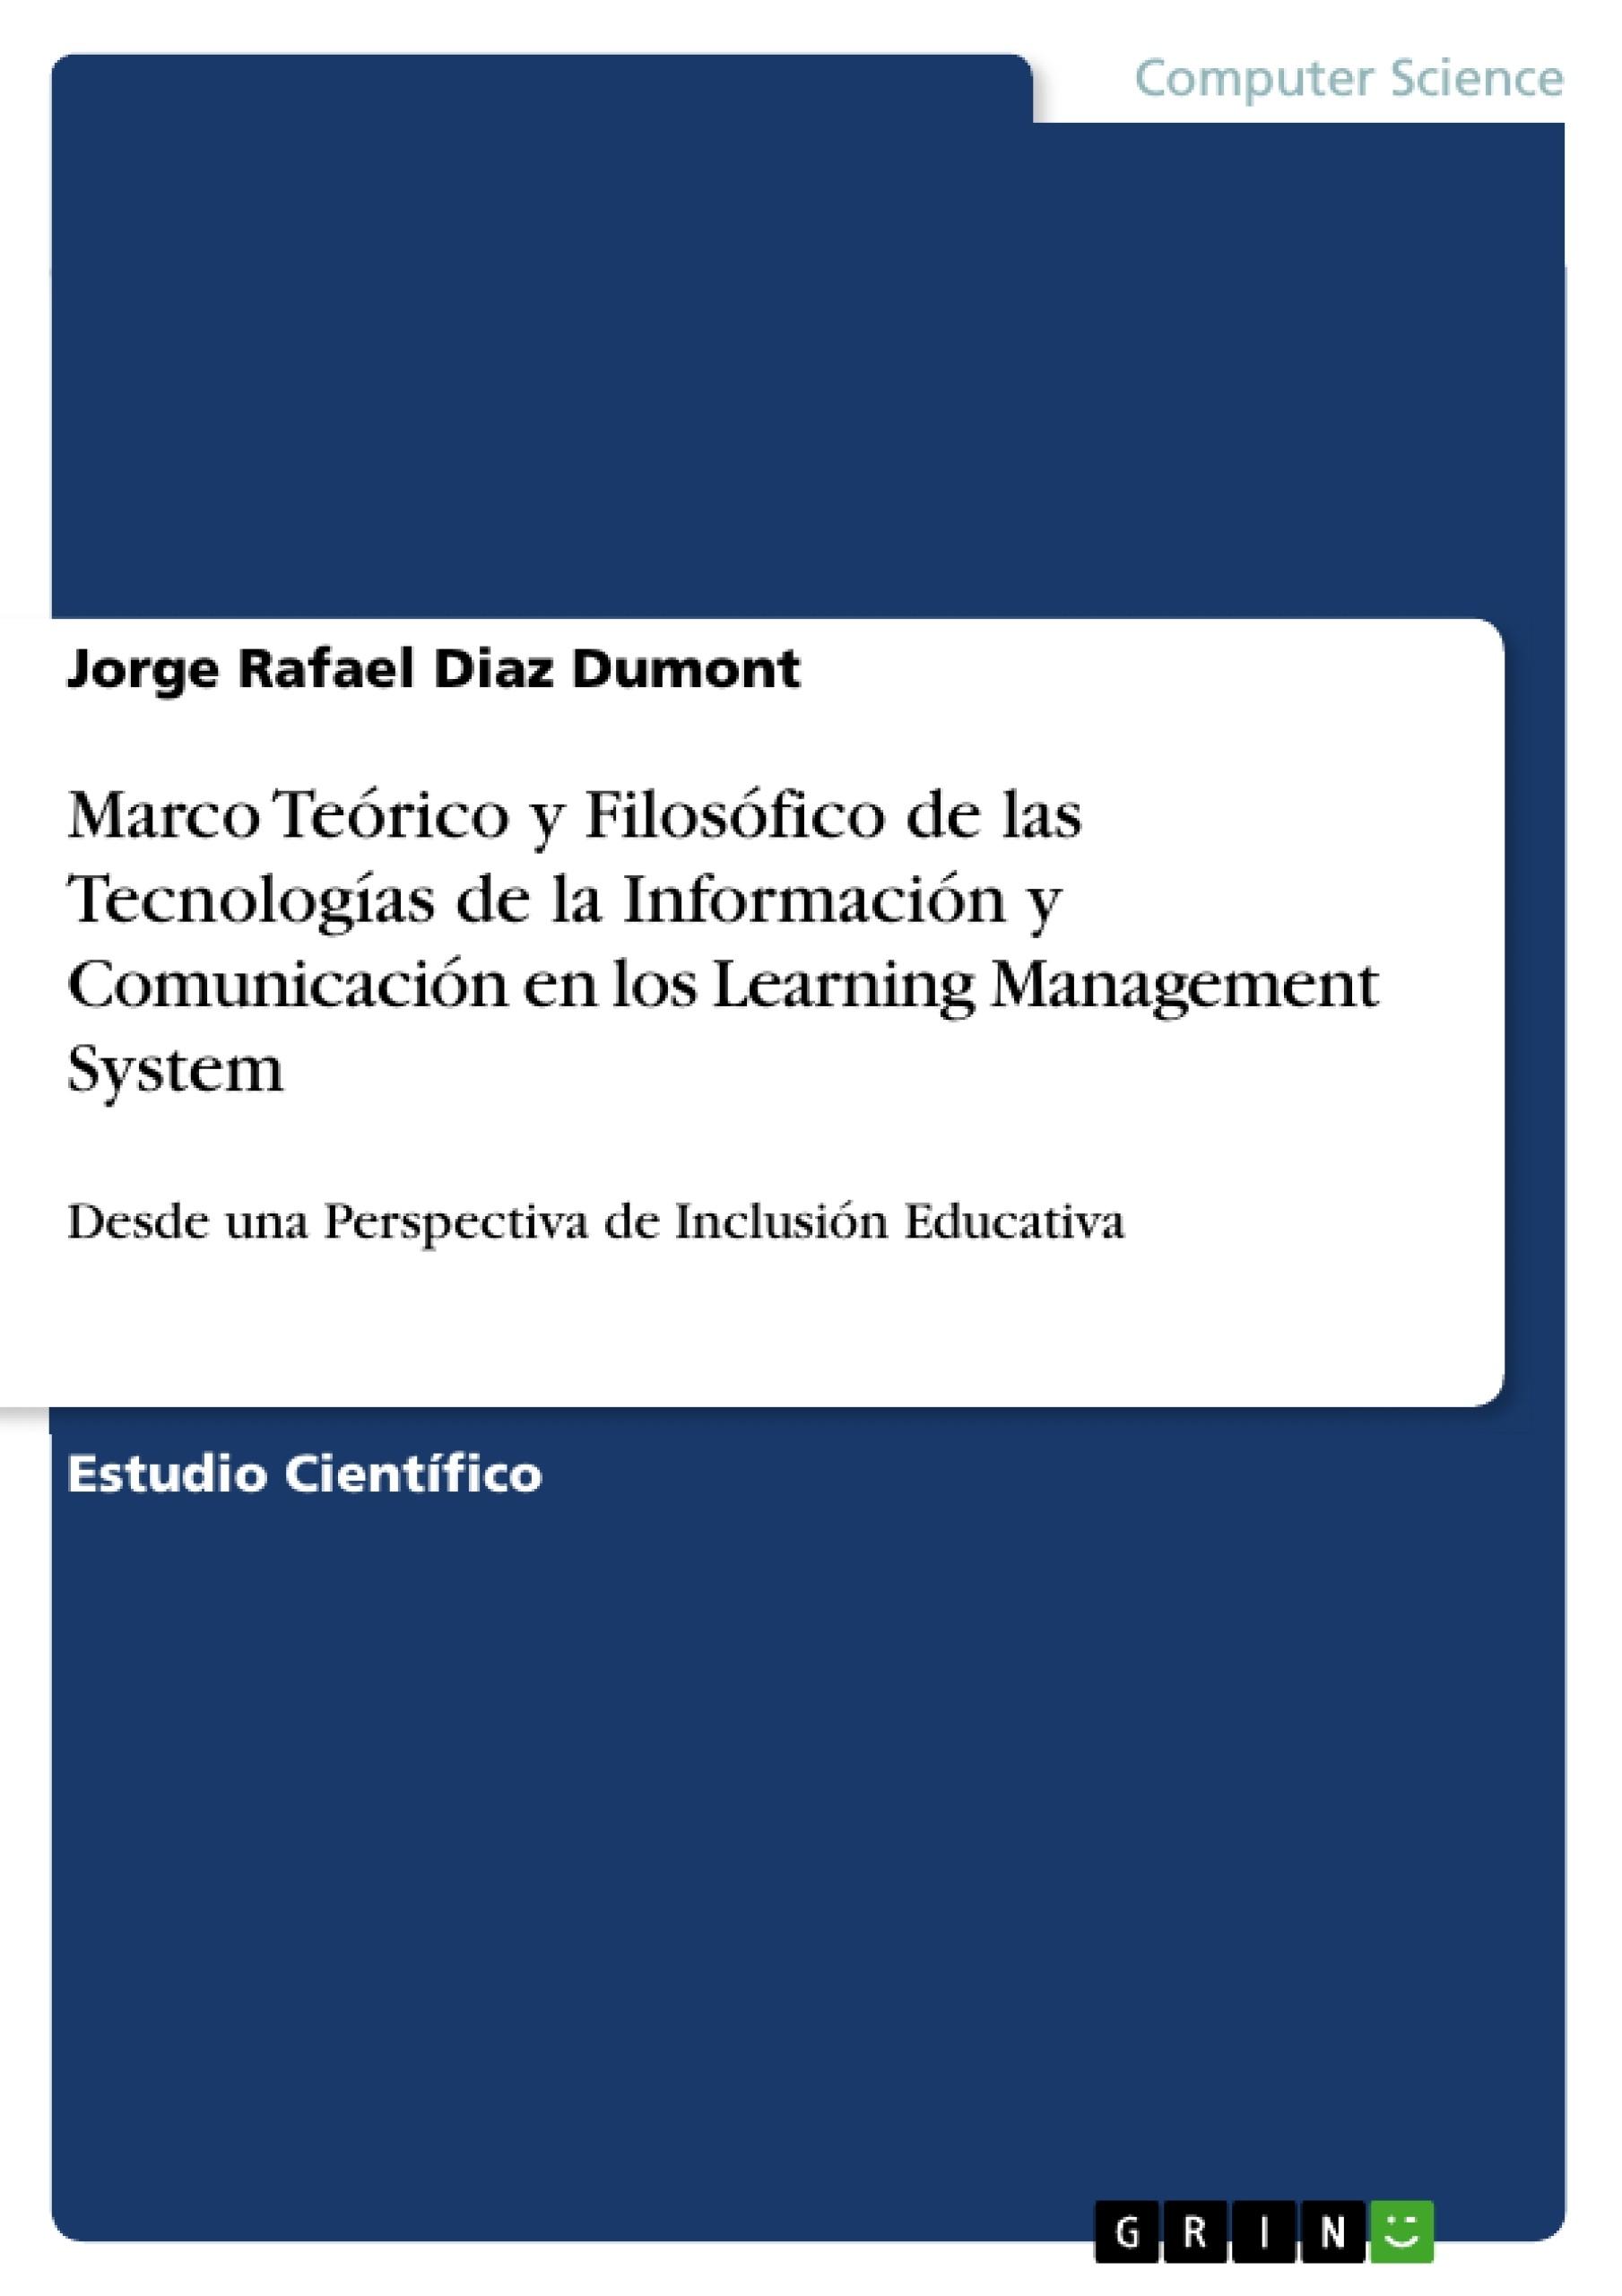 Título: Marco Teórico y Filosófico de las Tecnologías de la Información y Comunicación en los Learning Management System